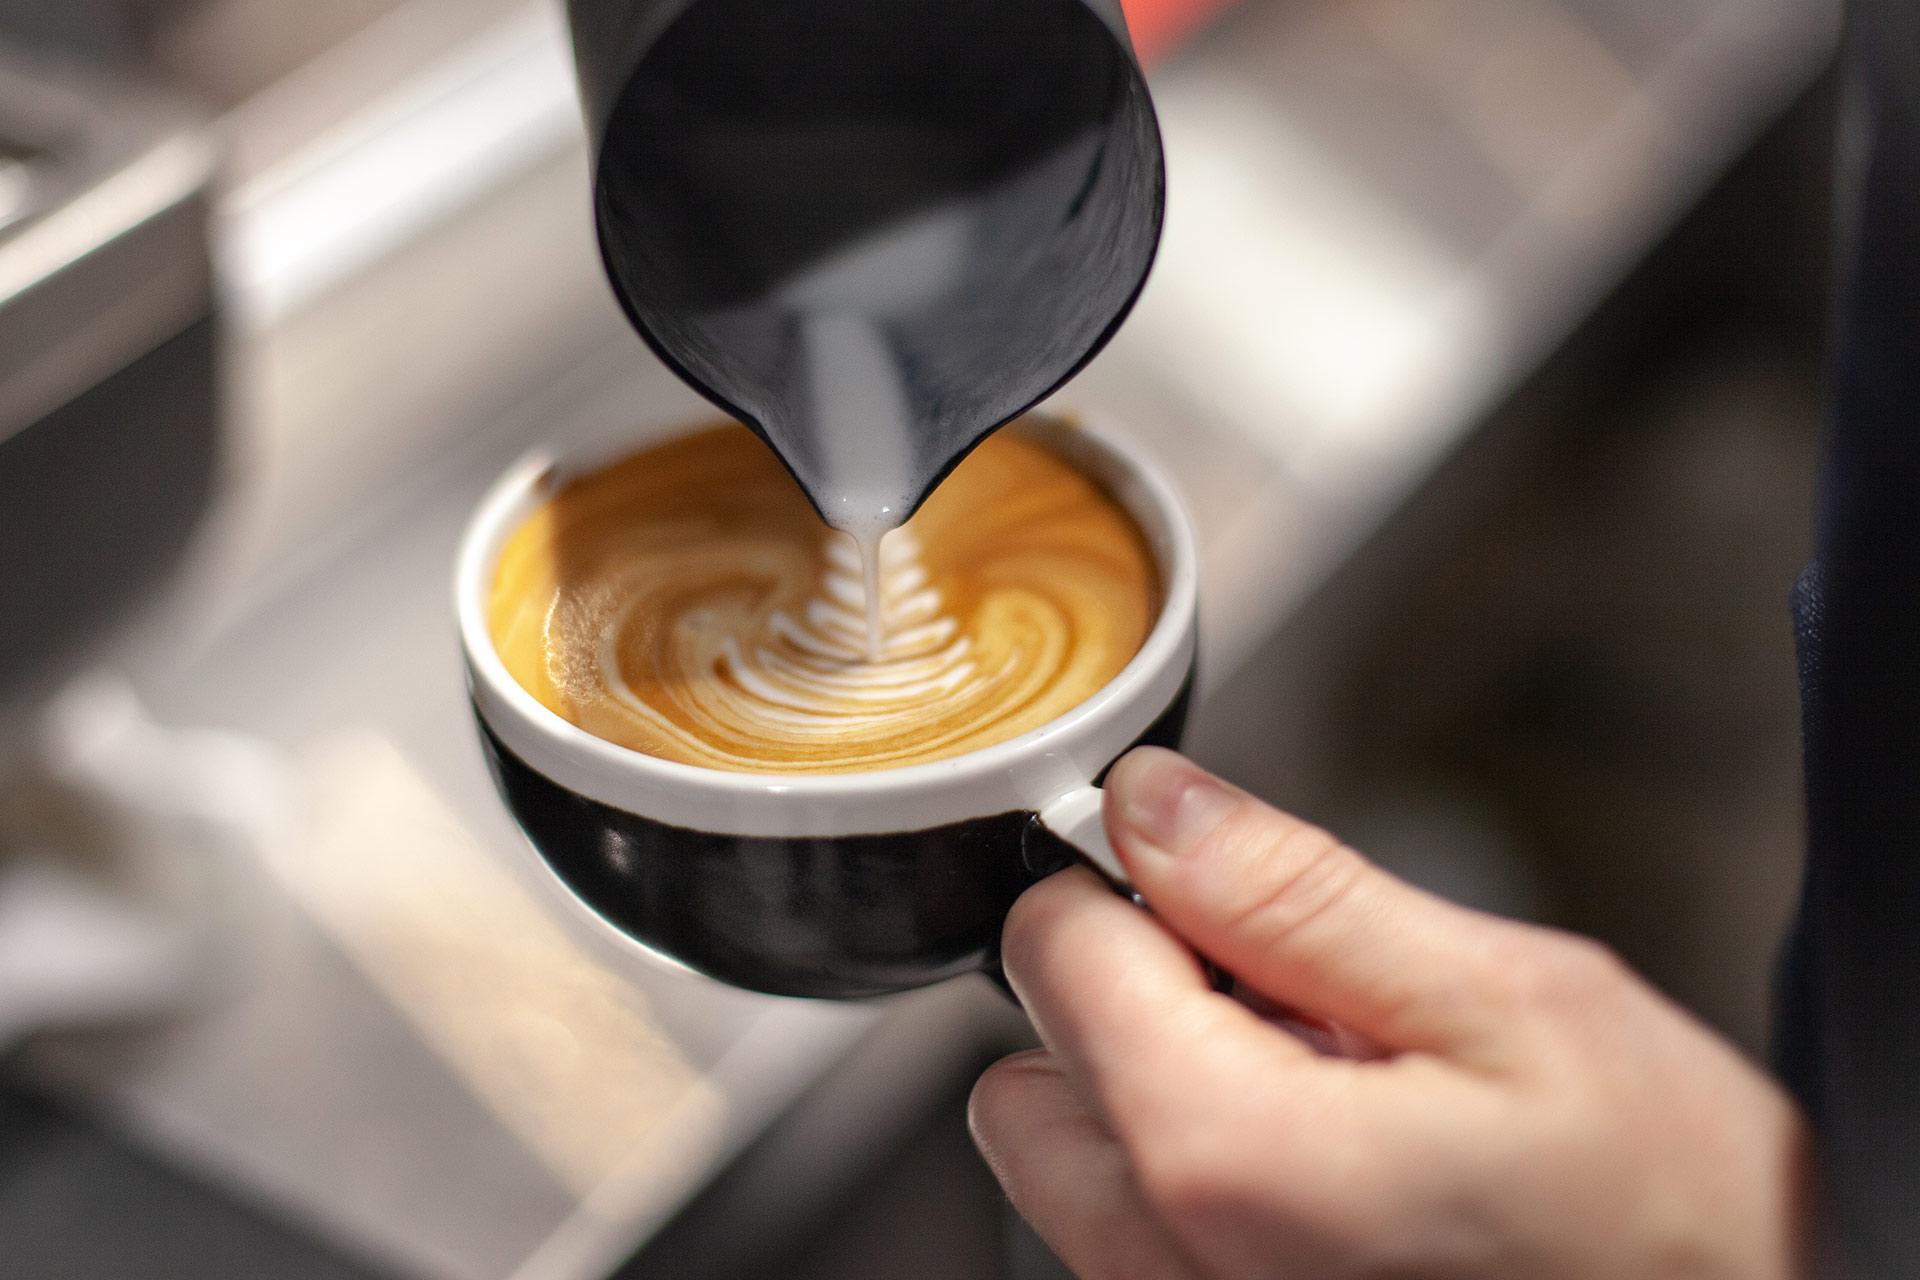 Hotel Mattsin aulabaarista saa pintä makeaa ja suolaista sekä juomia, kuten kahvia vuorokauden ympäri.